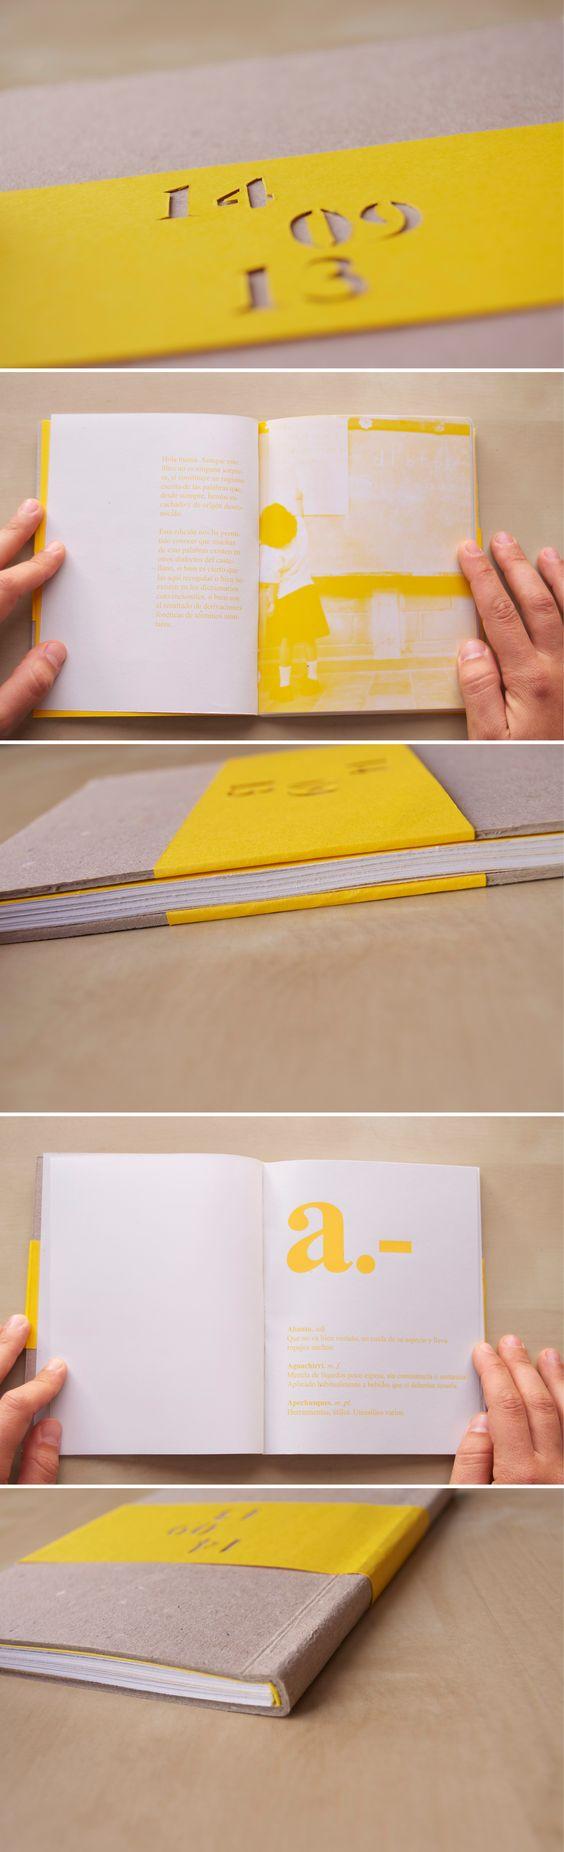 www.rowelt.es   140913. Diseño editorial. Cartón contracolado y papel 100% reciclado.